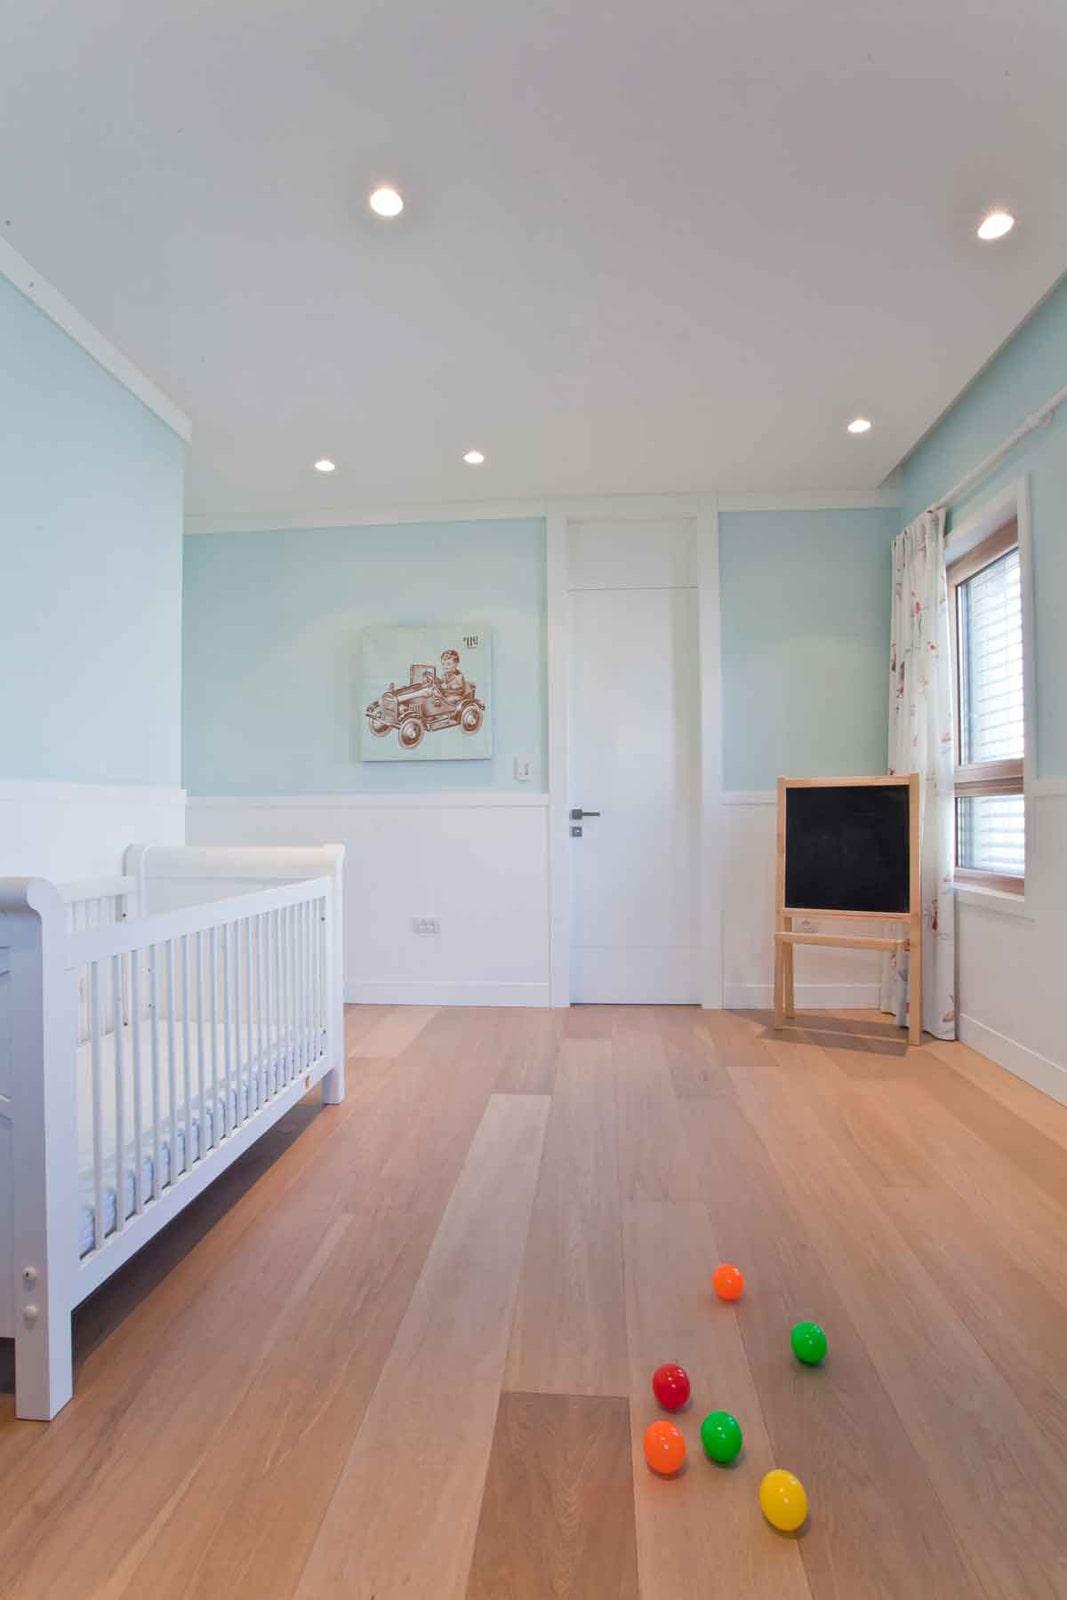 חדר ילדים ציפוי חיפוי קיר נוטפדר צבע לבן עם חריצים דלת אורור איורור תריס מסגרת